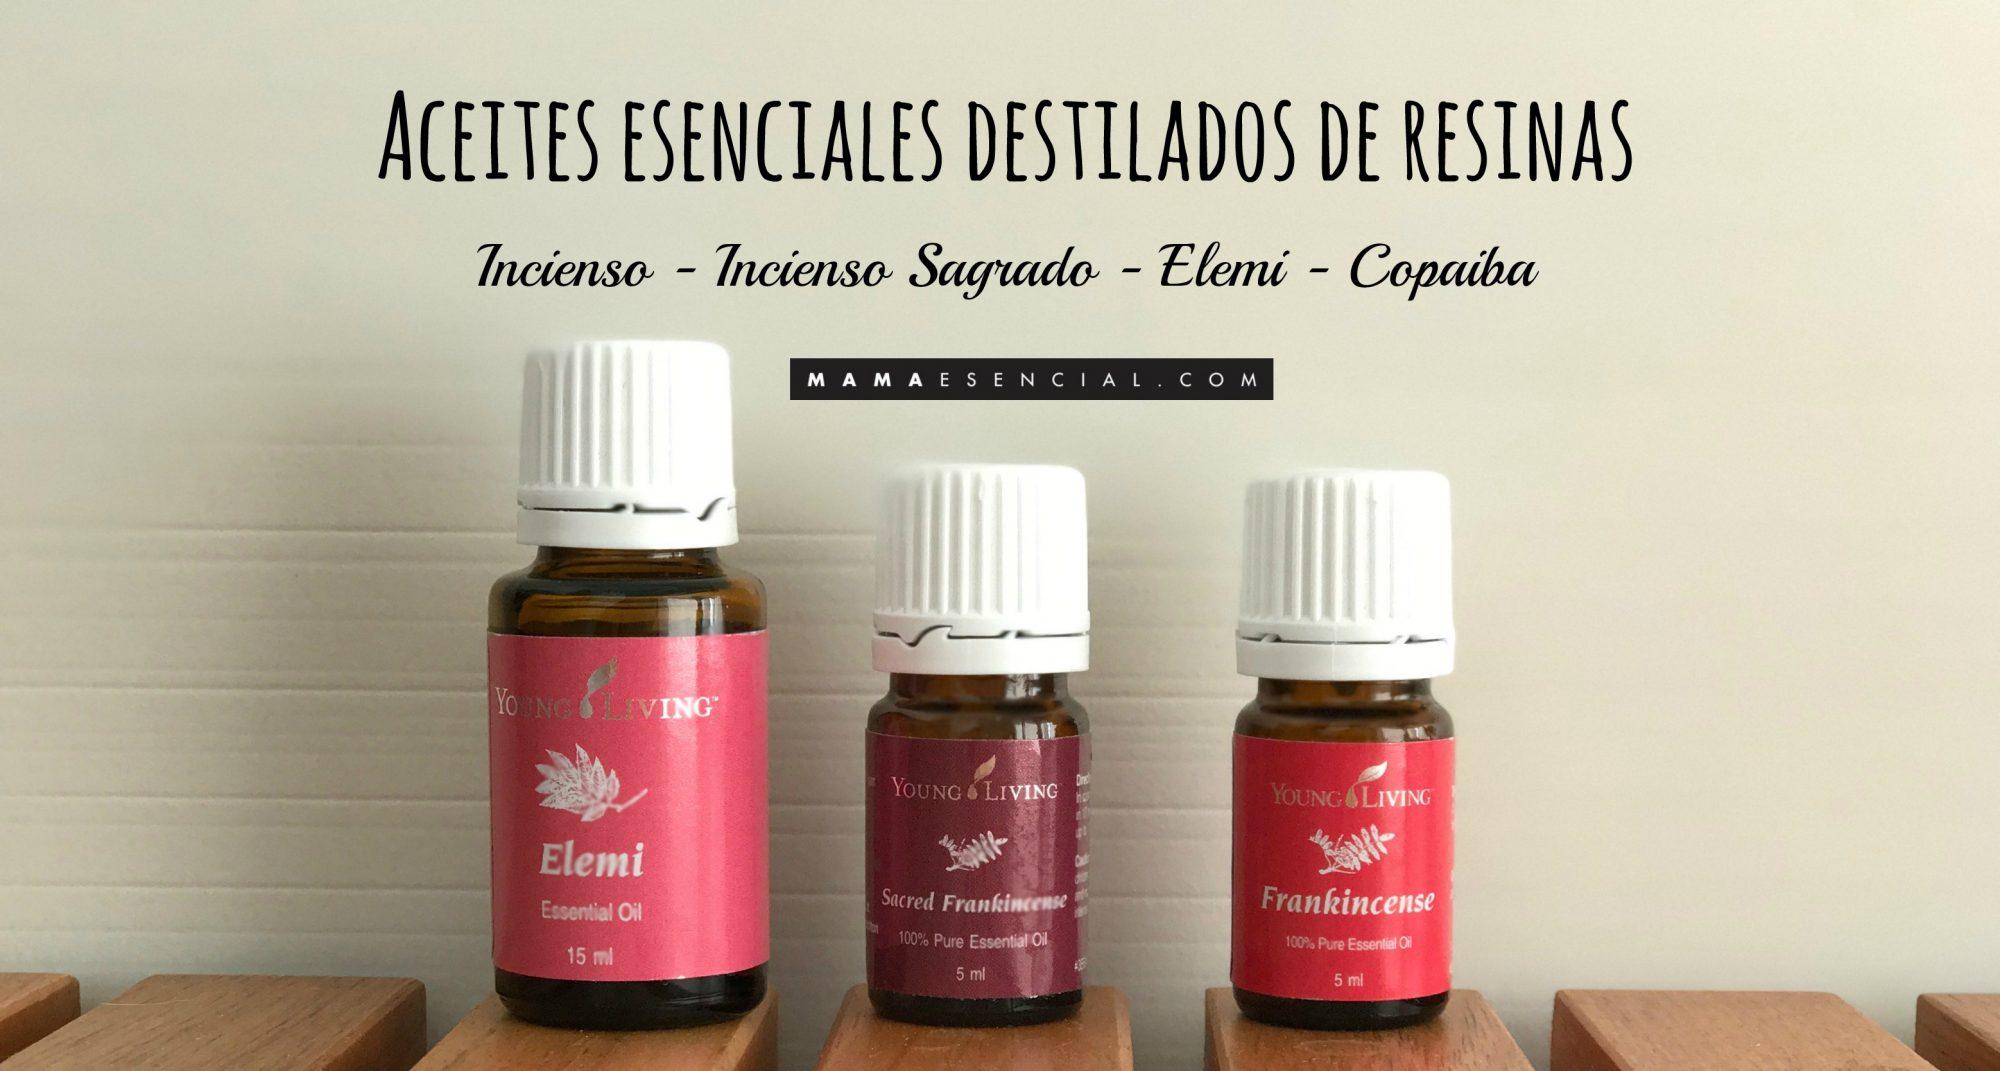 ACEITES ESENCIALES DESTILADOS DE RESINAS